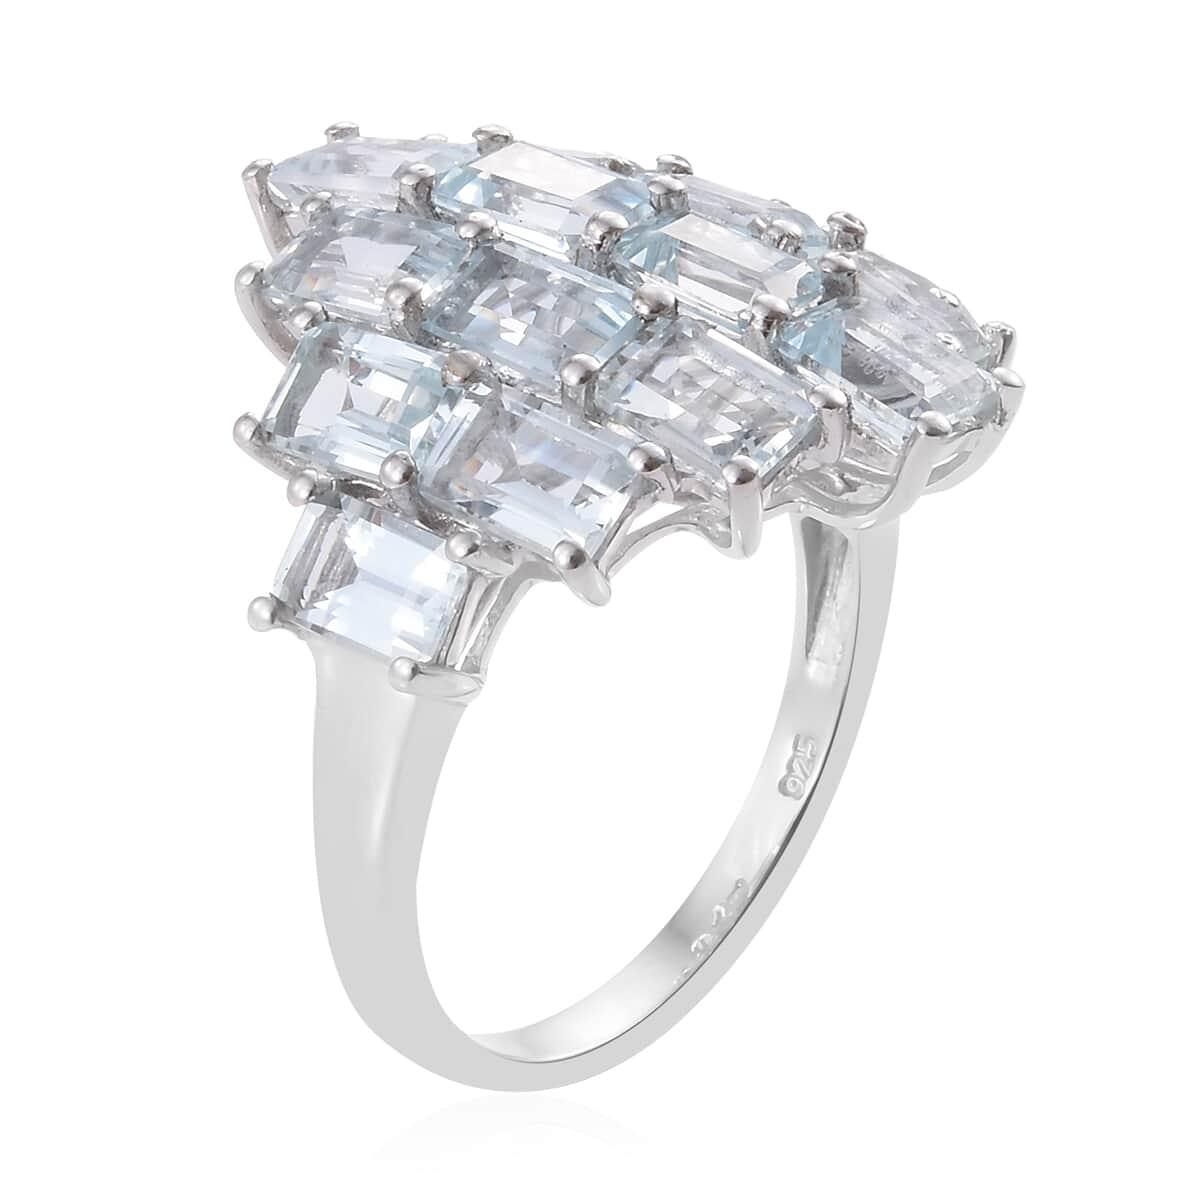 Espirito Santo Aquamarine Ring in Platinum Over Sterling Silver (Size 7.0) 8.60 ctw